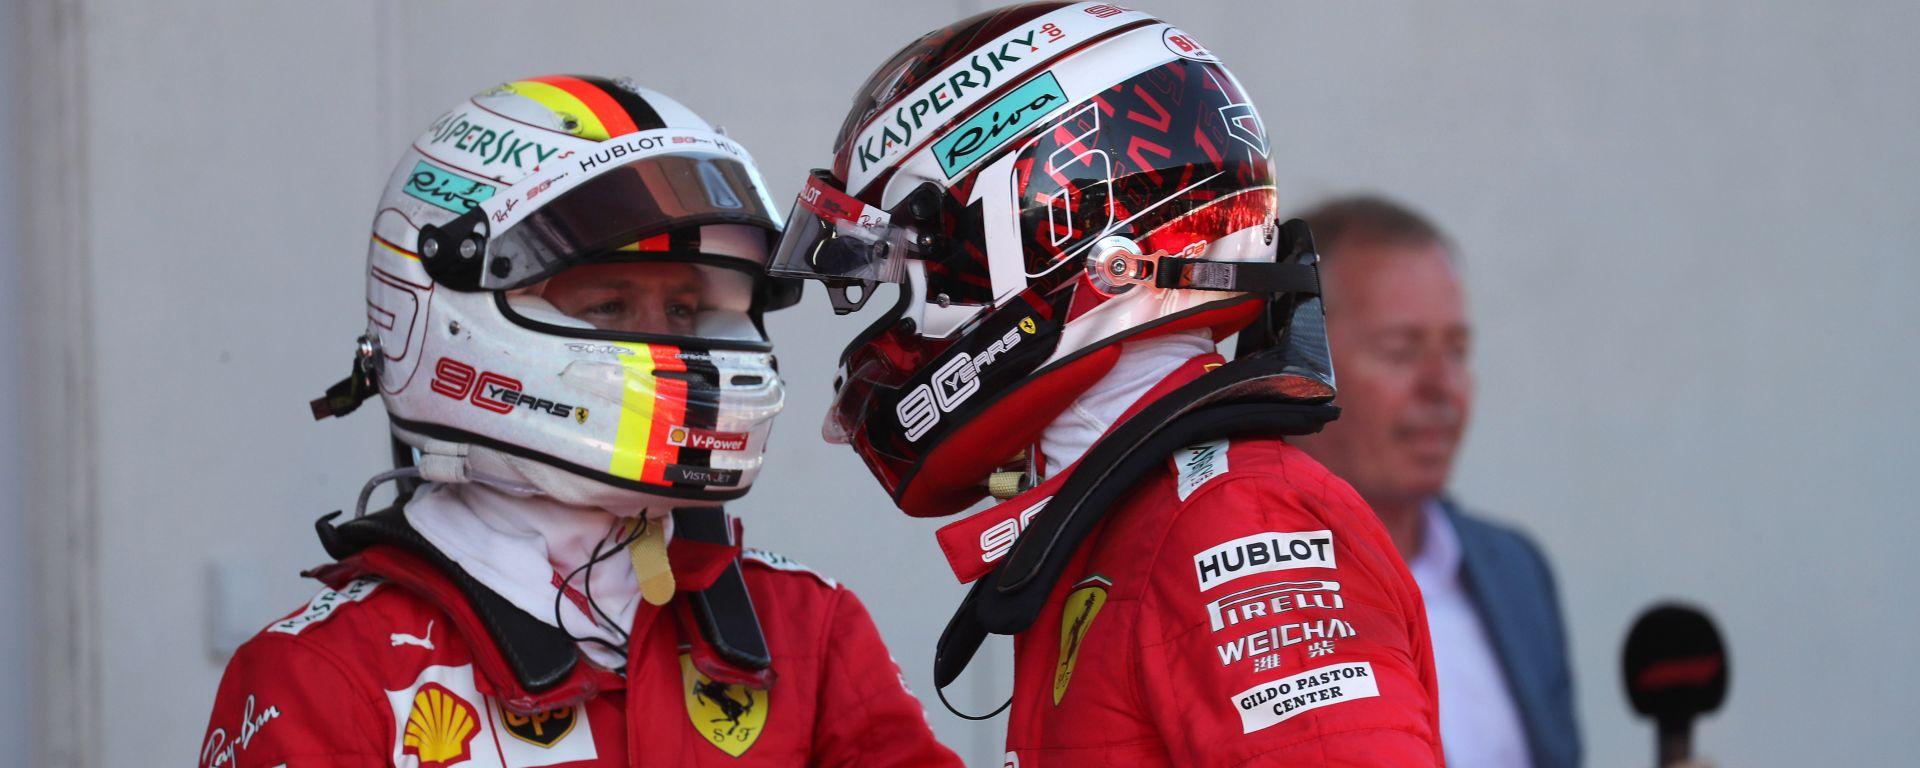 F1 GP Austria 2019, Vettel si congratula con Leclerc dopo il secondo posto in gara